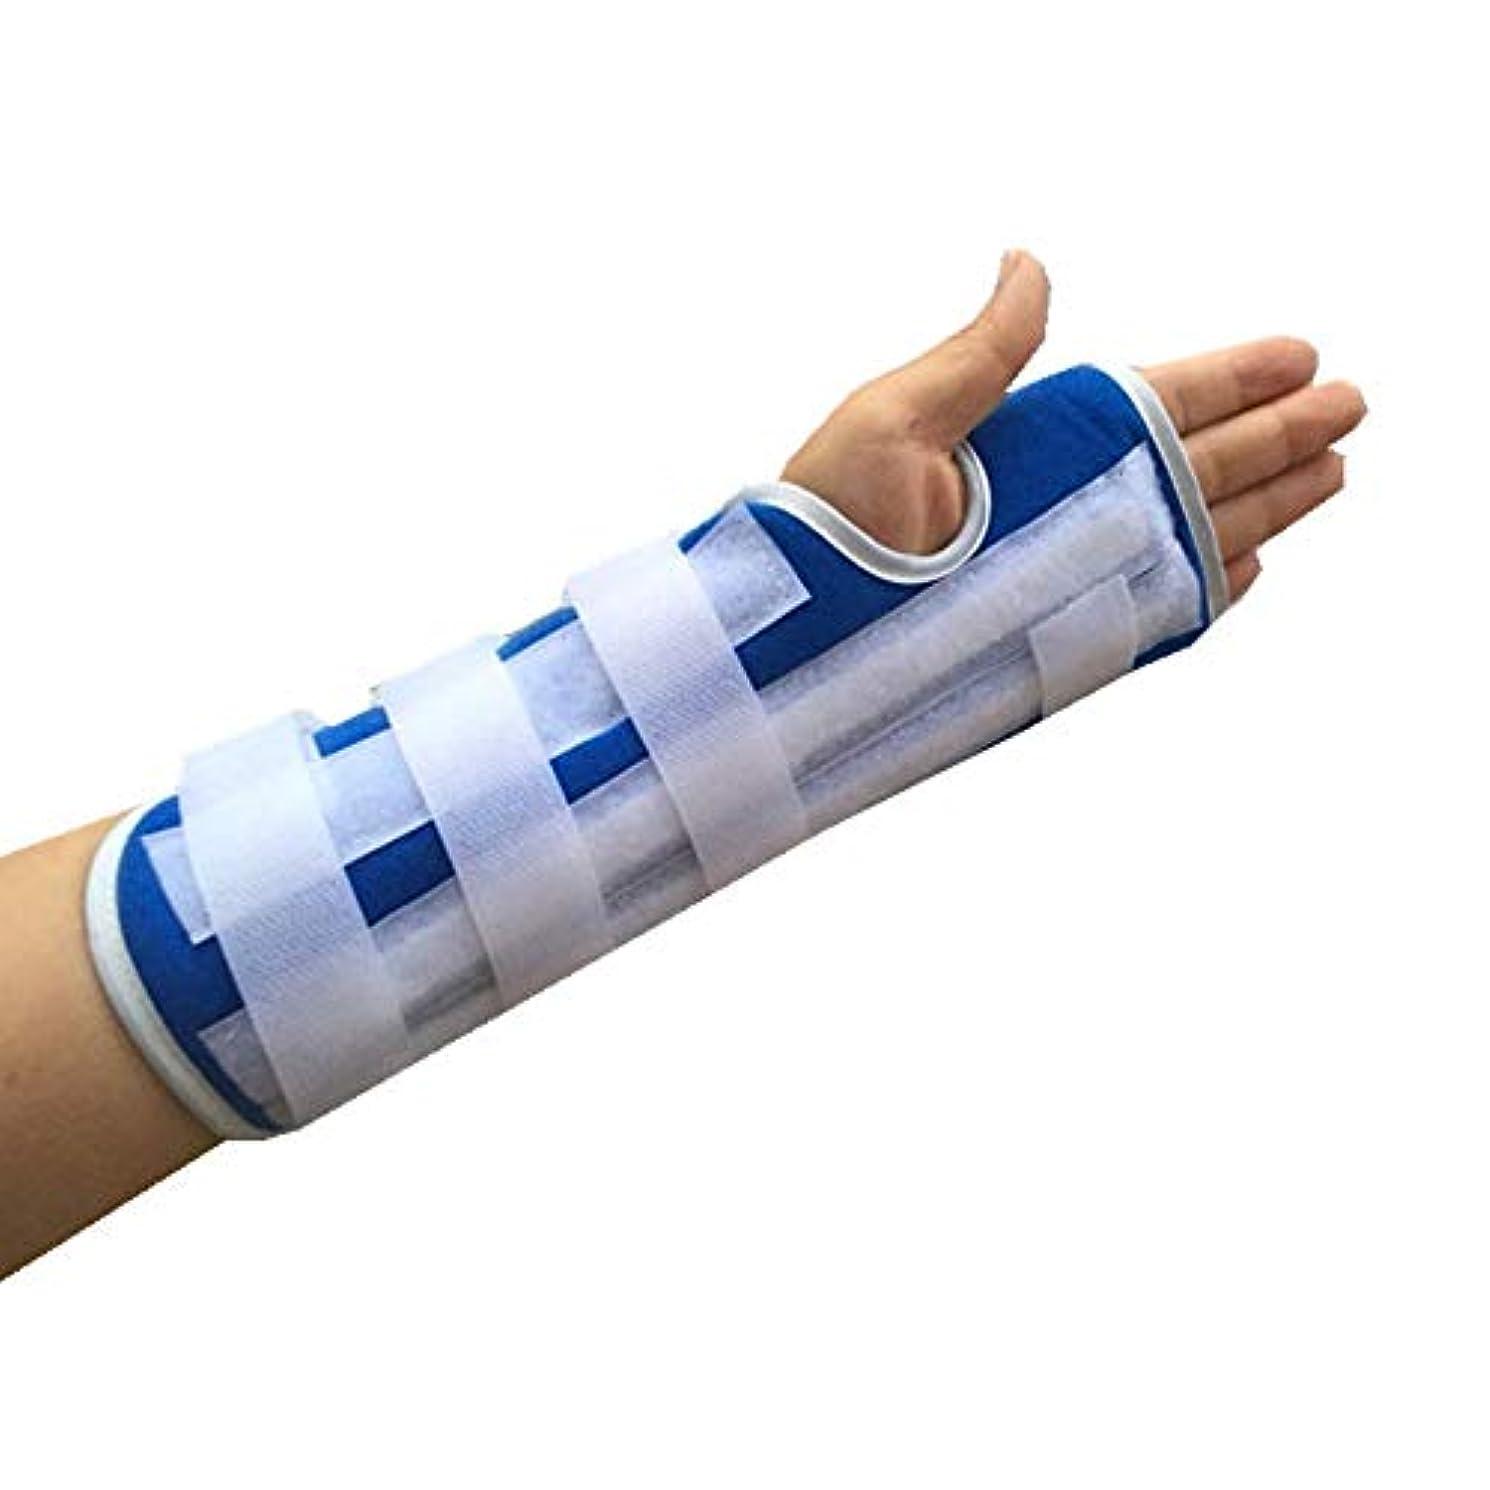 髄アクティビティかかわらずZYL-YL プレート固定と前腕スーパー関節サポート手首プロテクター前腕脛骨スプリントサポート手首捻挫骨折 (Edition : Left)